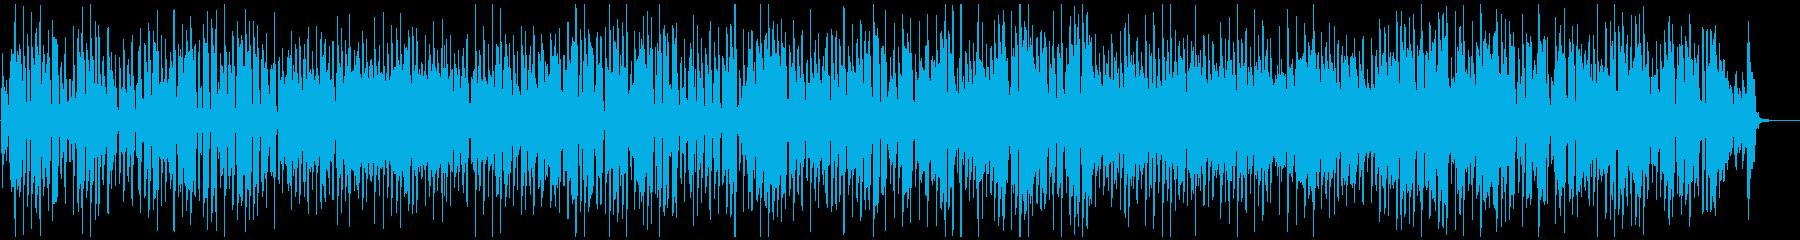 軽快リコーダーほのぼのハッピー脱力ジャズの再生済みの波形